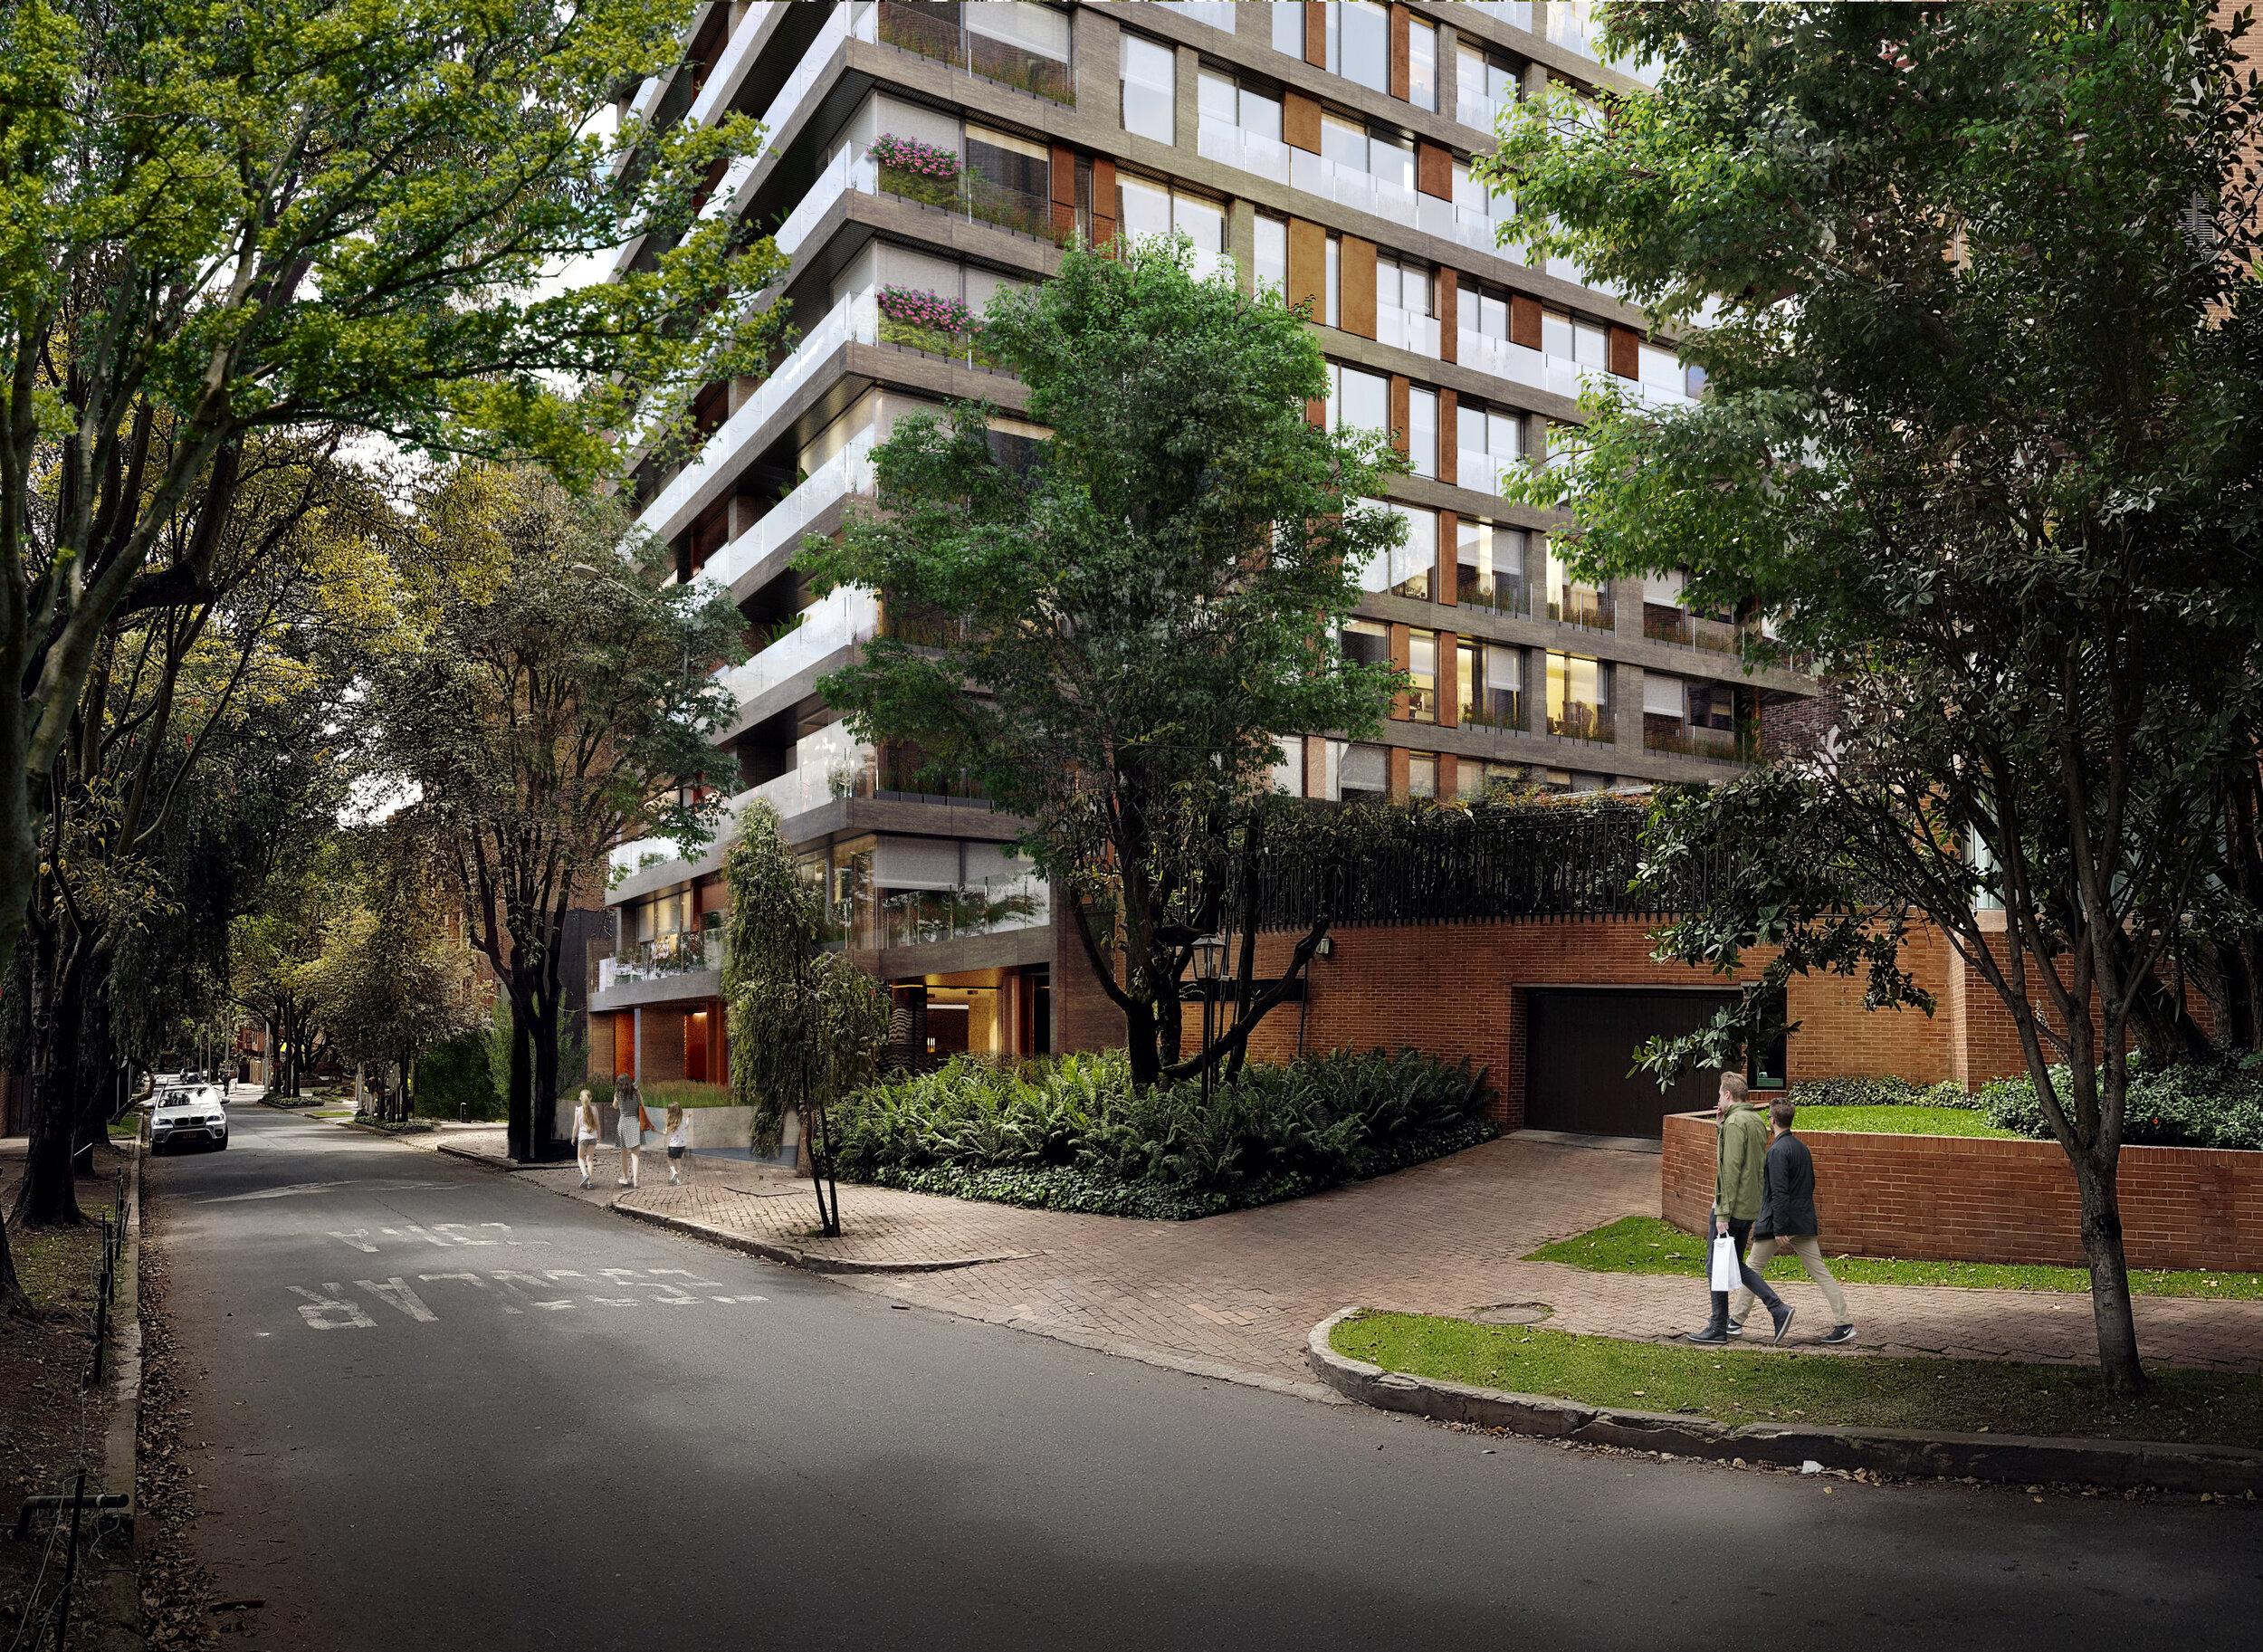 Bogota A street02.jpg